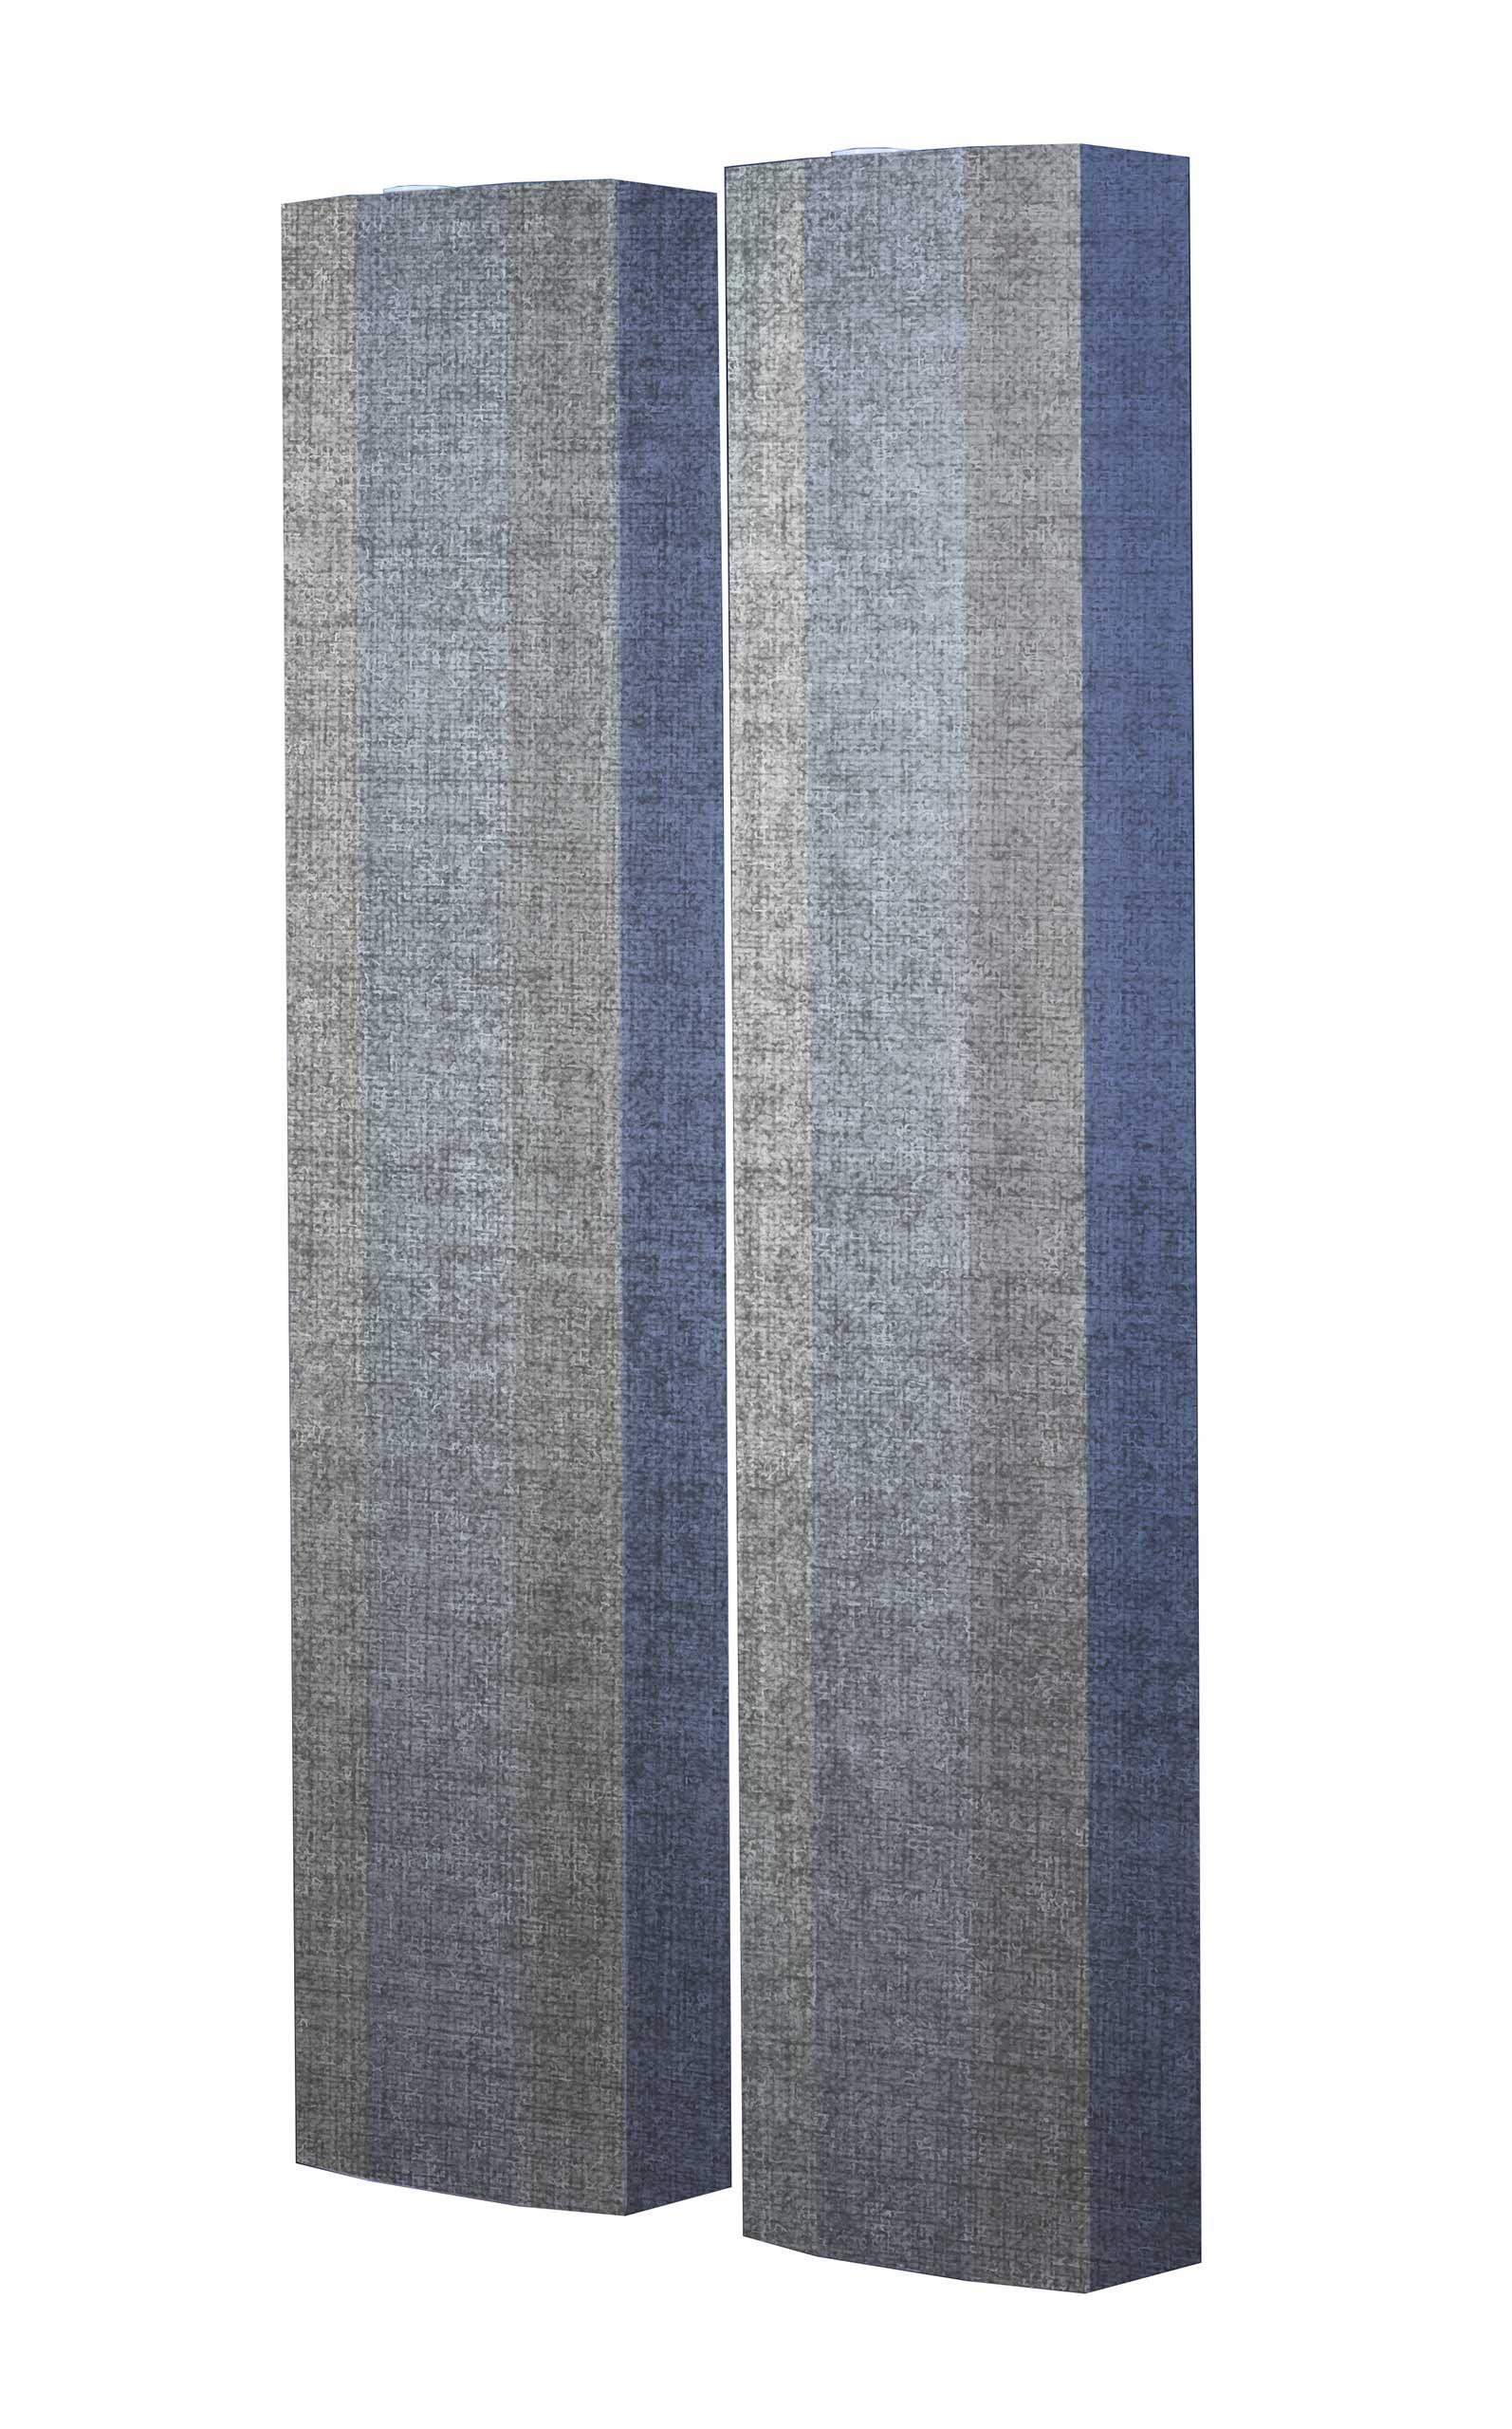 Schuhschrank STORM Motivschrank Duo SD101 Grau Muster weiß 2er Set